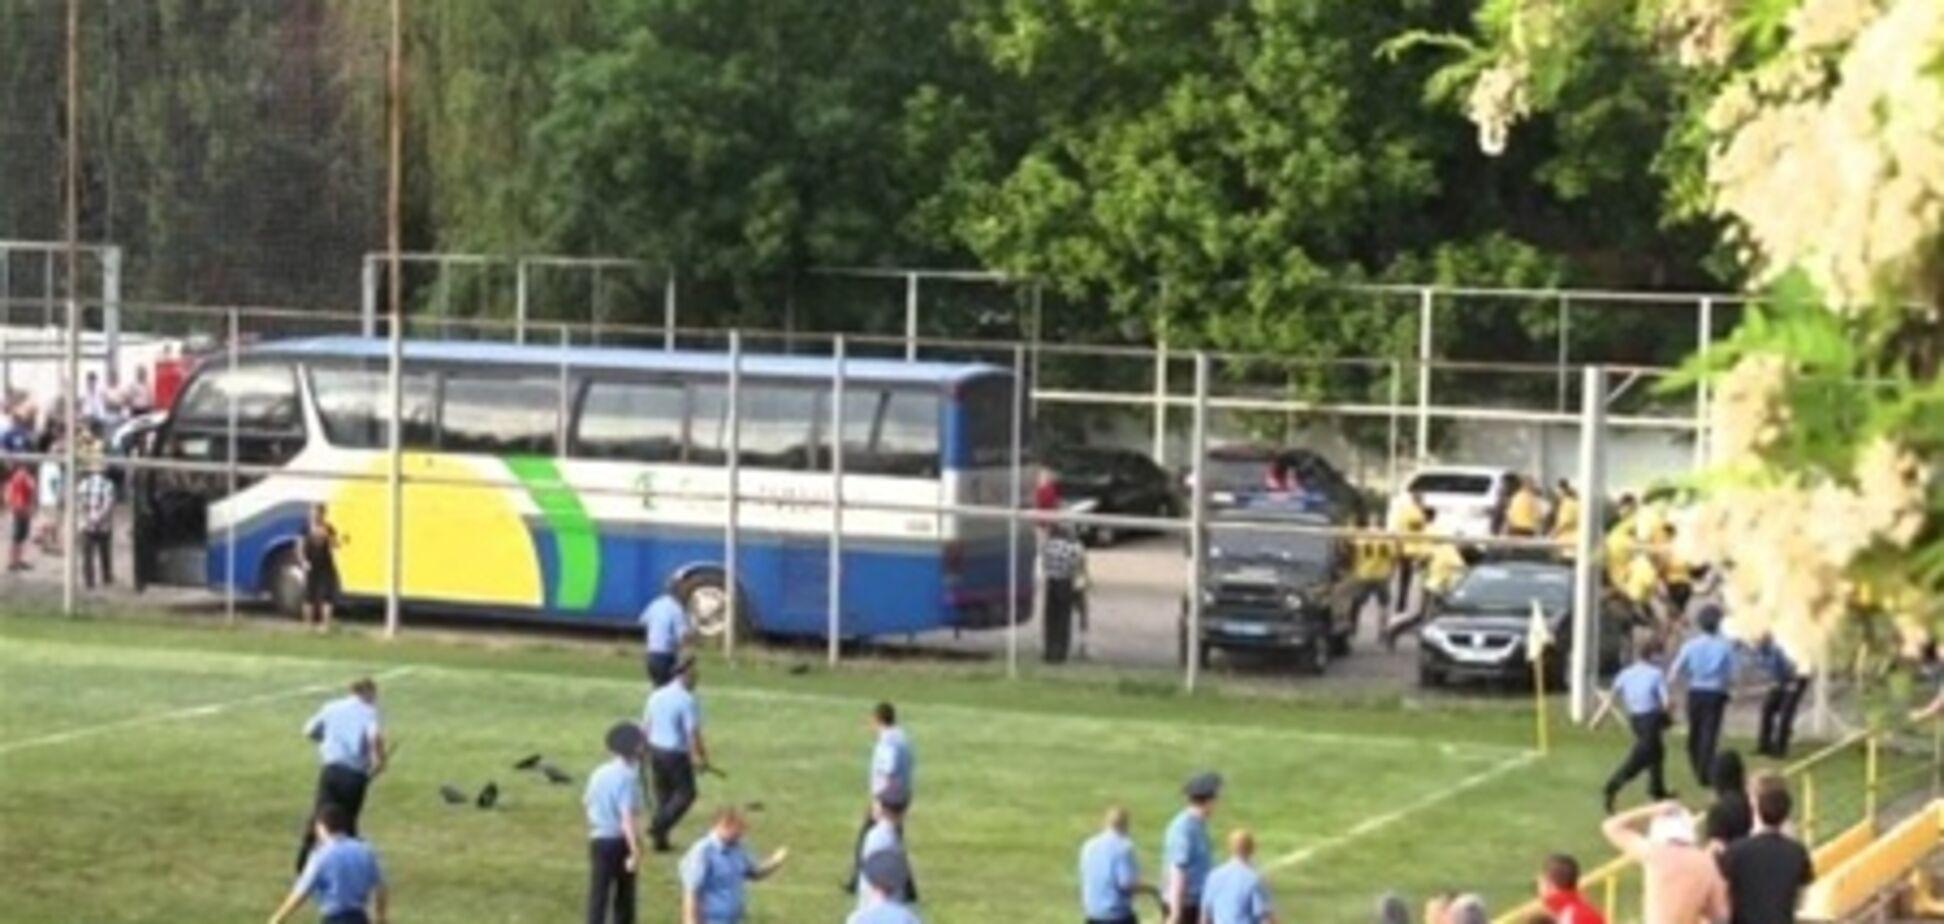 В Полтаве фанаты устроили массовую драку на футбольном поле. Видео